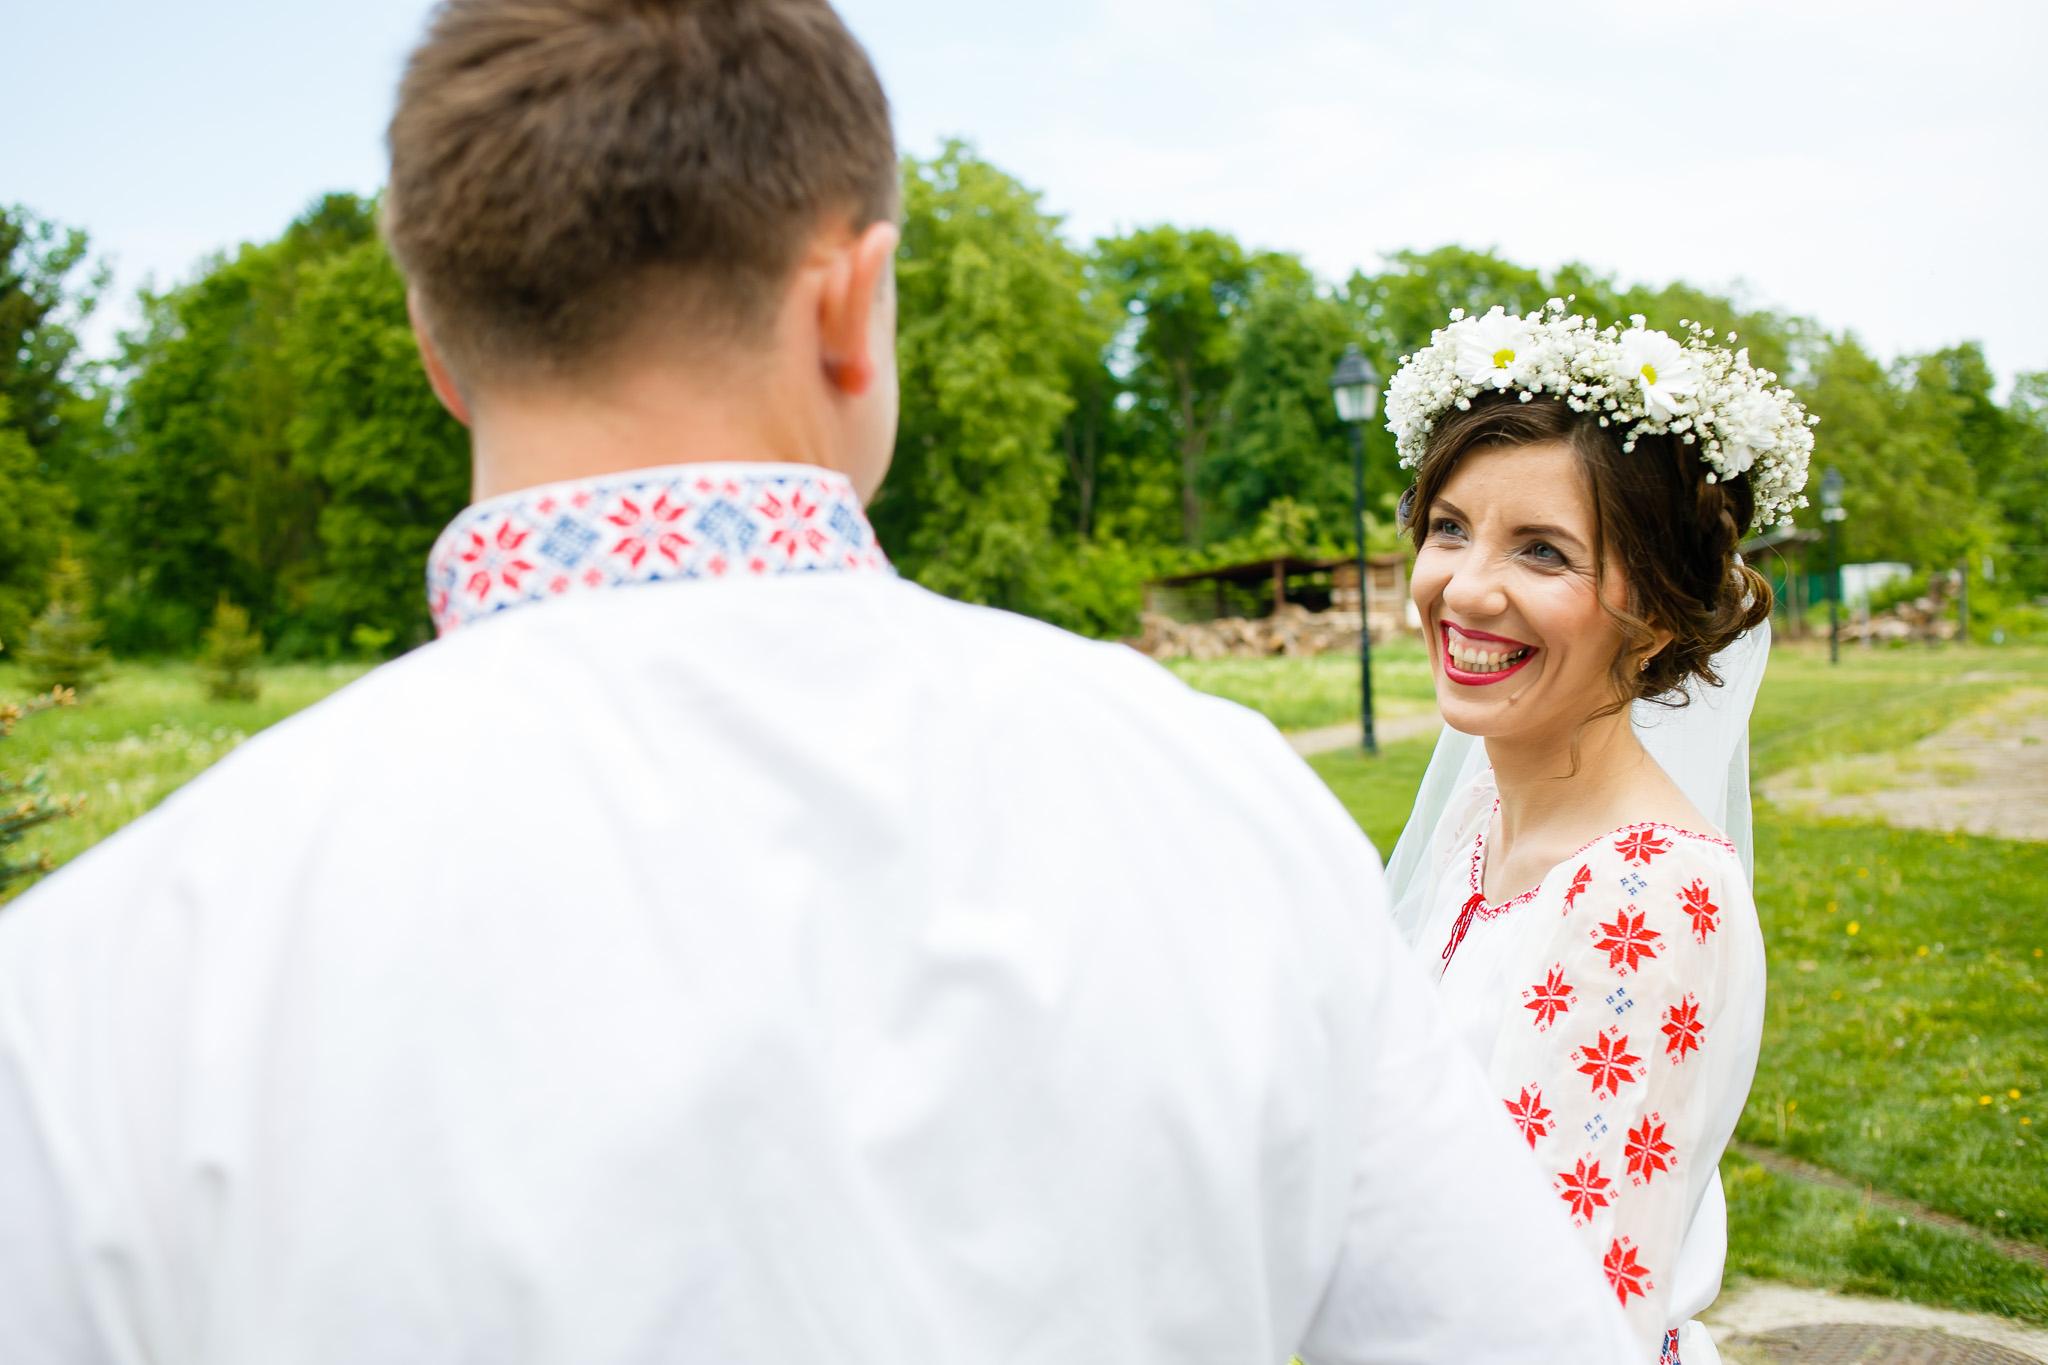 Nuntă tradițională Elisabeta și Alexandru fotograf profesionist nunta Iasi www.paulpadurariu.ro © 2018 Paul Padurariu fotograf de nunta Iasi sedinta foto miri 3